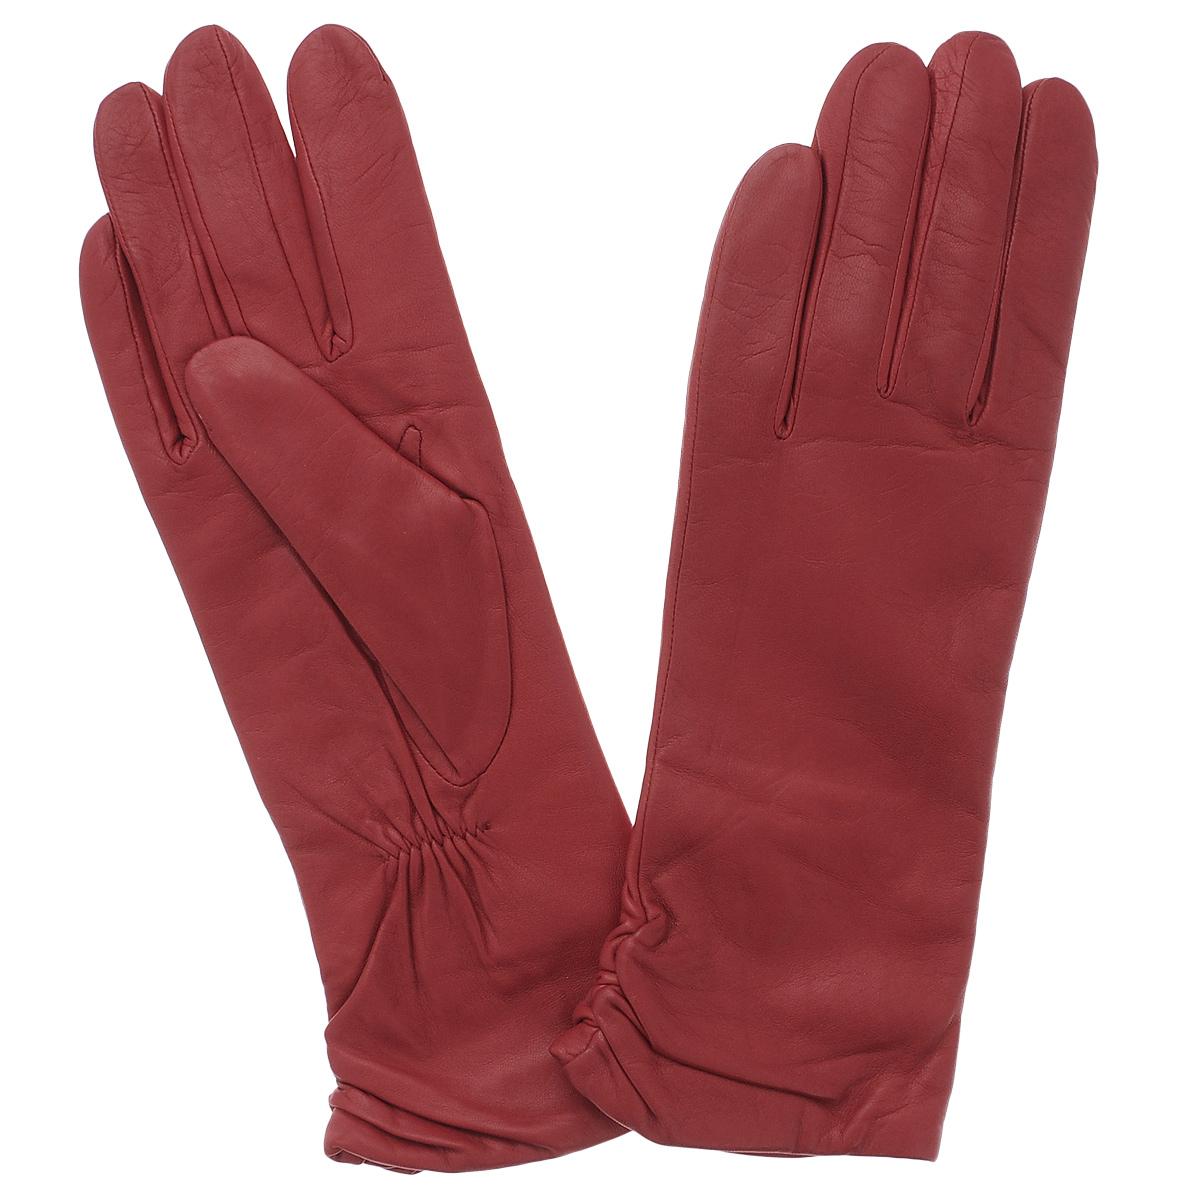 Перчатки женские. 11_ASTRA11_ASTRA/BLUEСтильные удлиненные перчатки Dali Exclusive с подкладкой из шерсти выполнены из мягкой и приятной на ощупь натуральной кожи ягненка. Манжеты по боковому шву собраны на резинку. Такие перчатки подчеркнут ваш стиль и неповторимость и придадут всему образу нотки женственности и элегантности.